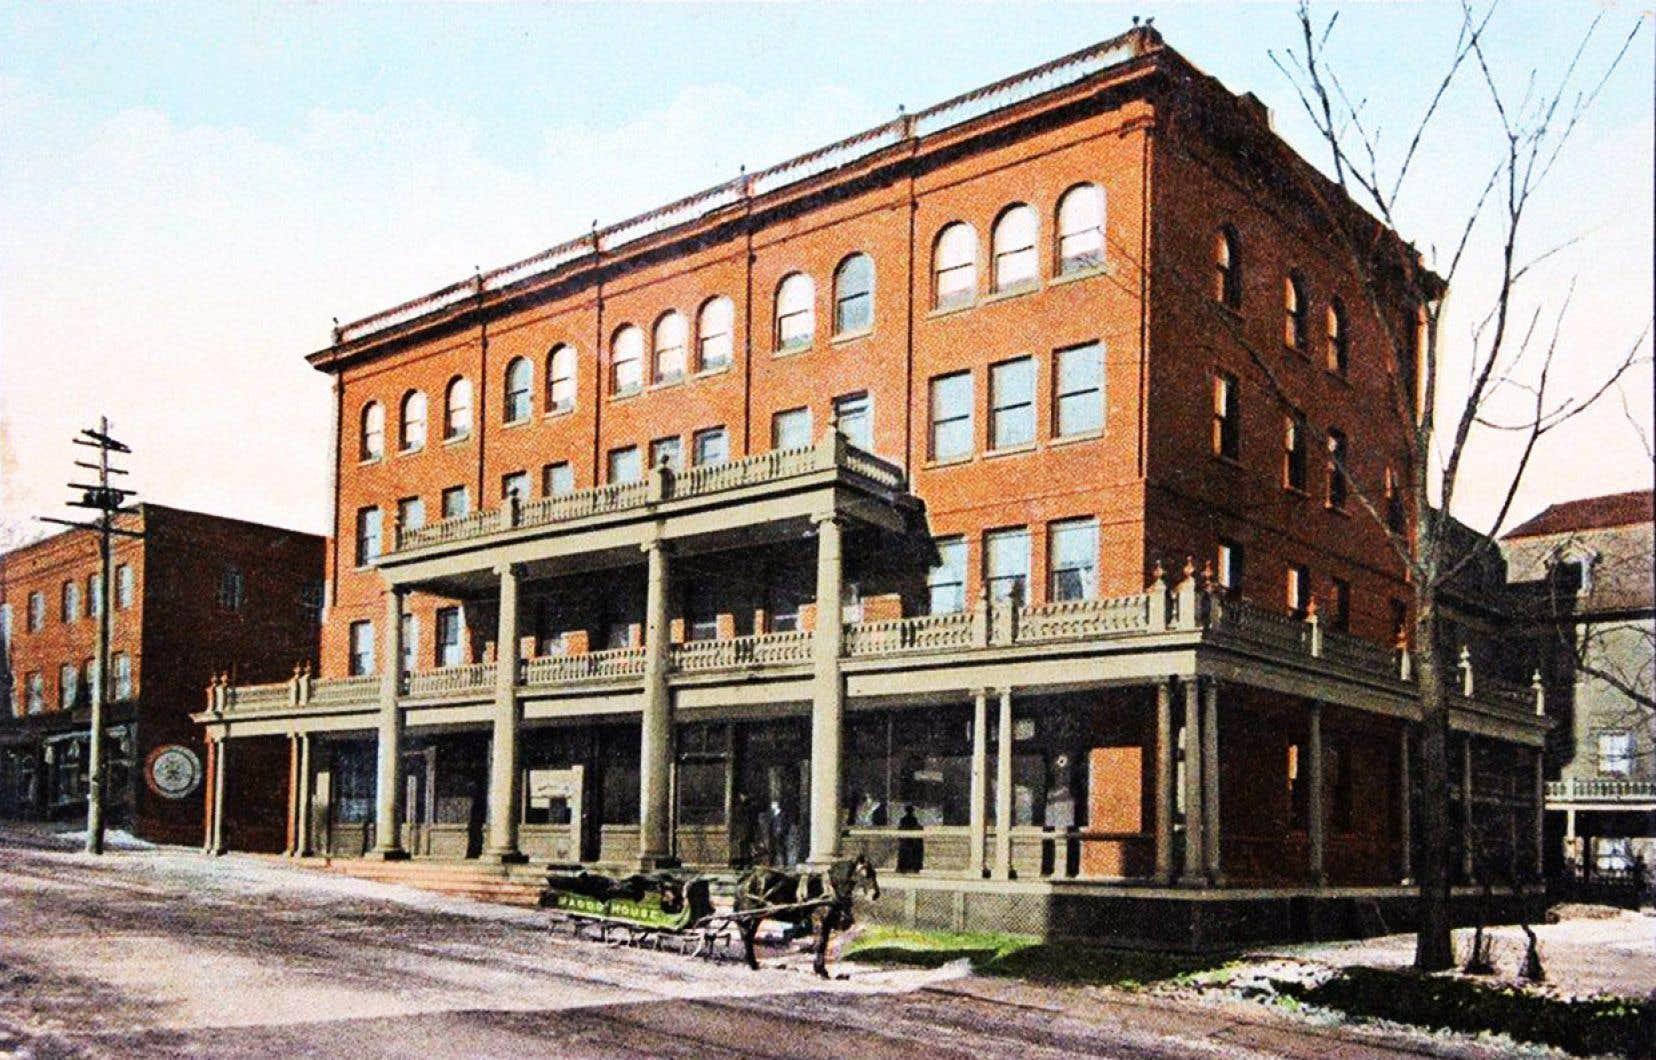 Construit en 1836, le Magog House a été détruit par les flammes dans la nuit de mercredi. Il a figuré sur une carte postale au début du XXesiècle.